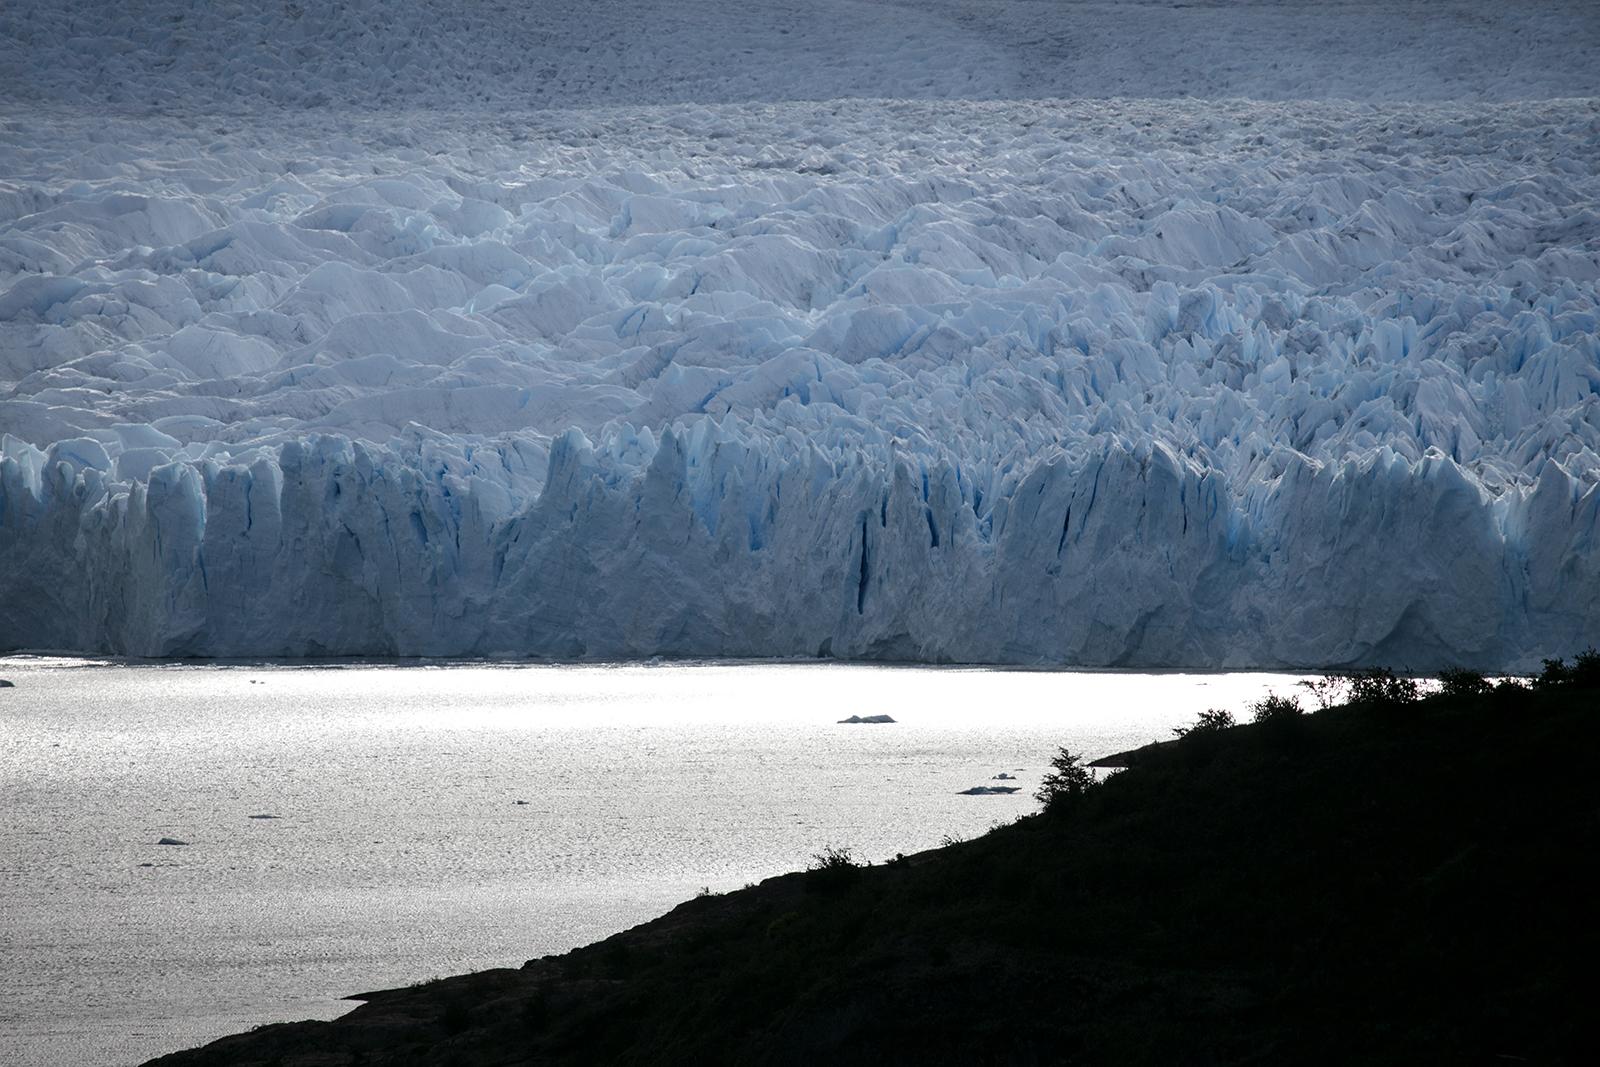 Point de vue sur le glacier Perito Moreno